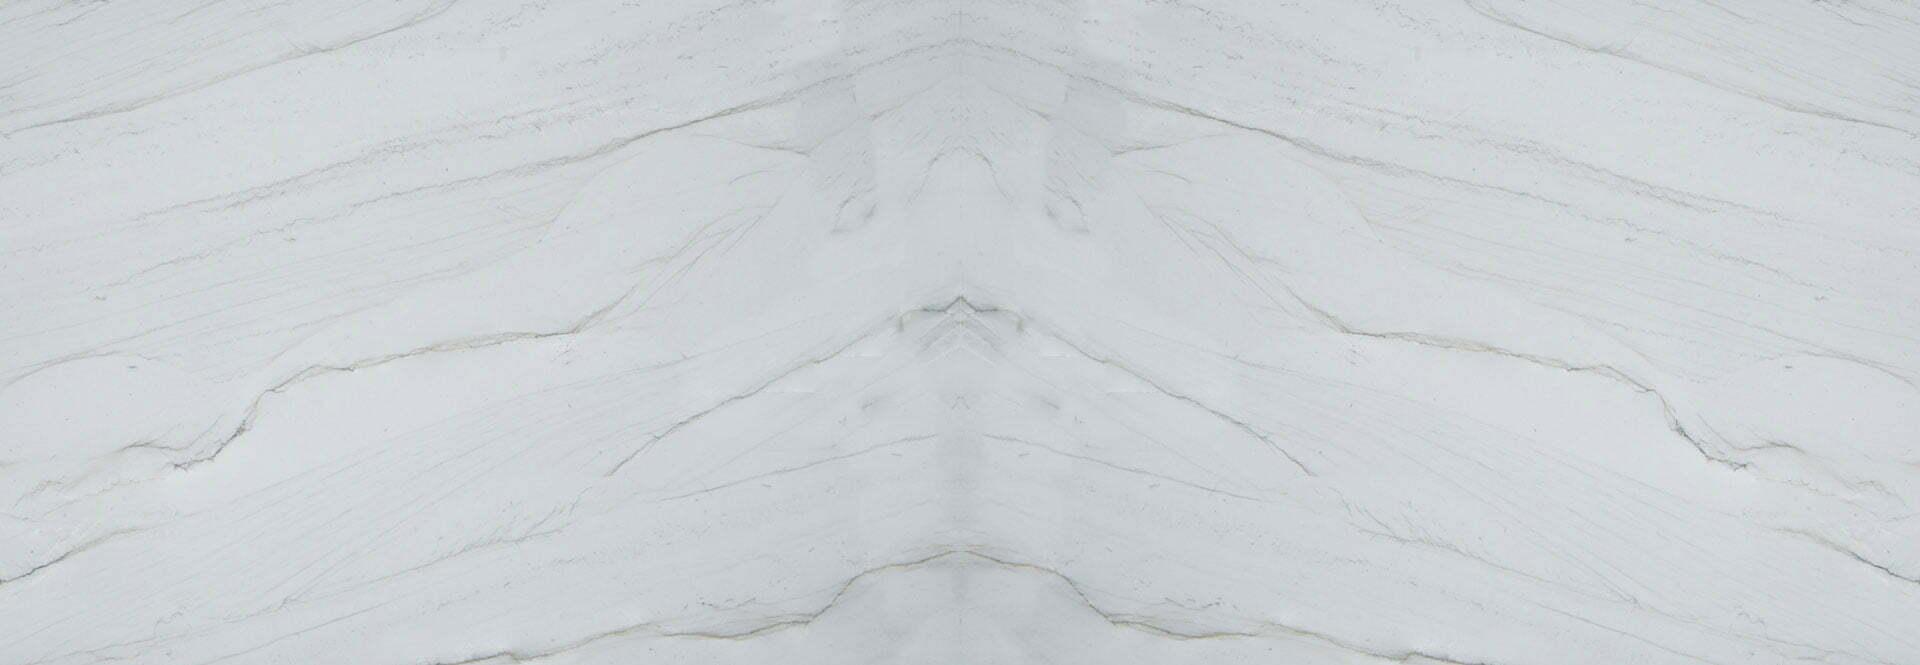 quartzite mont blanc pag